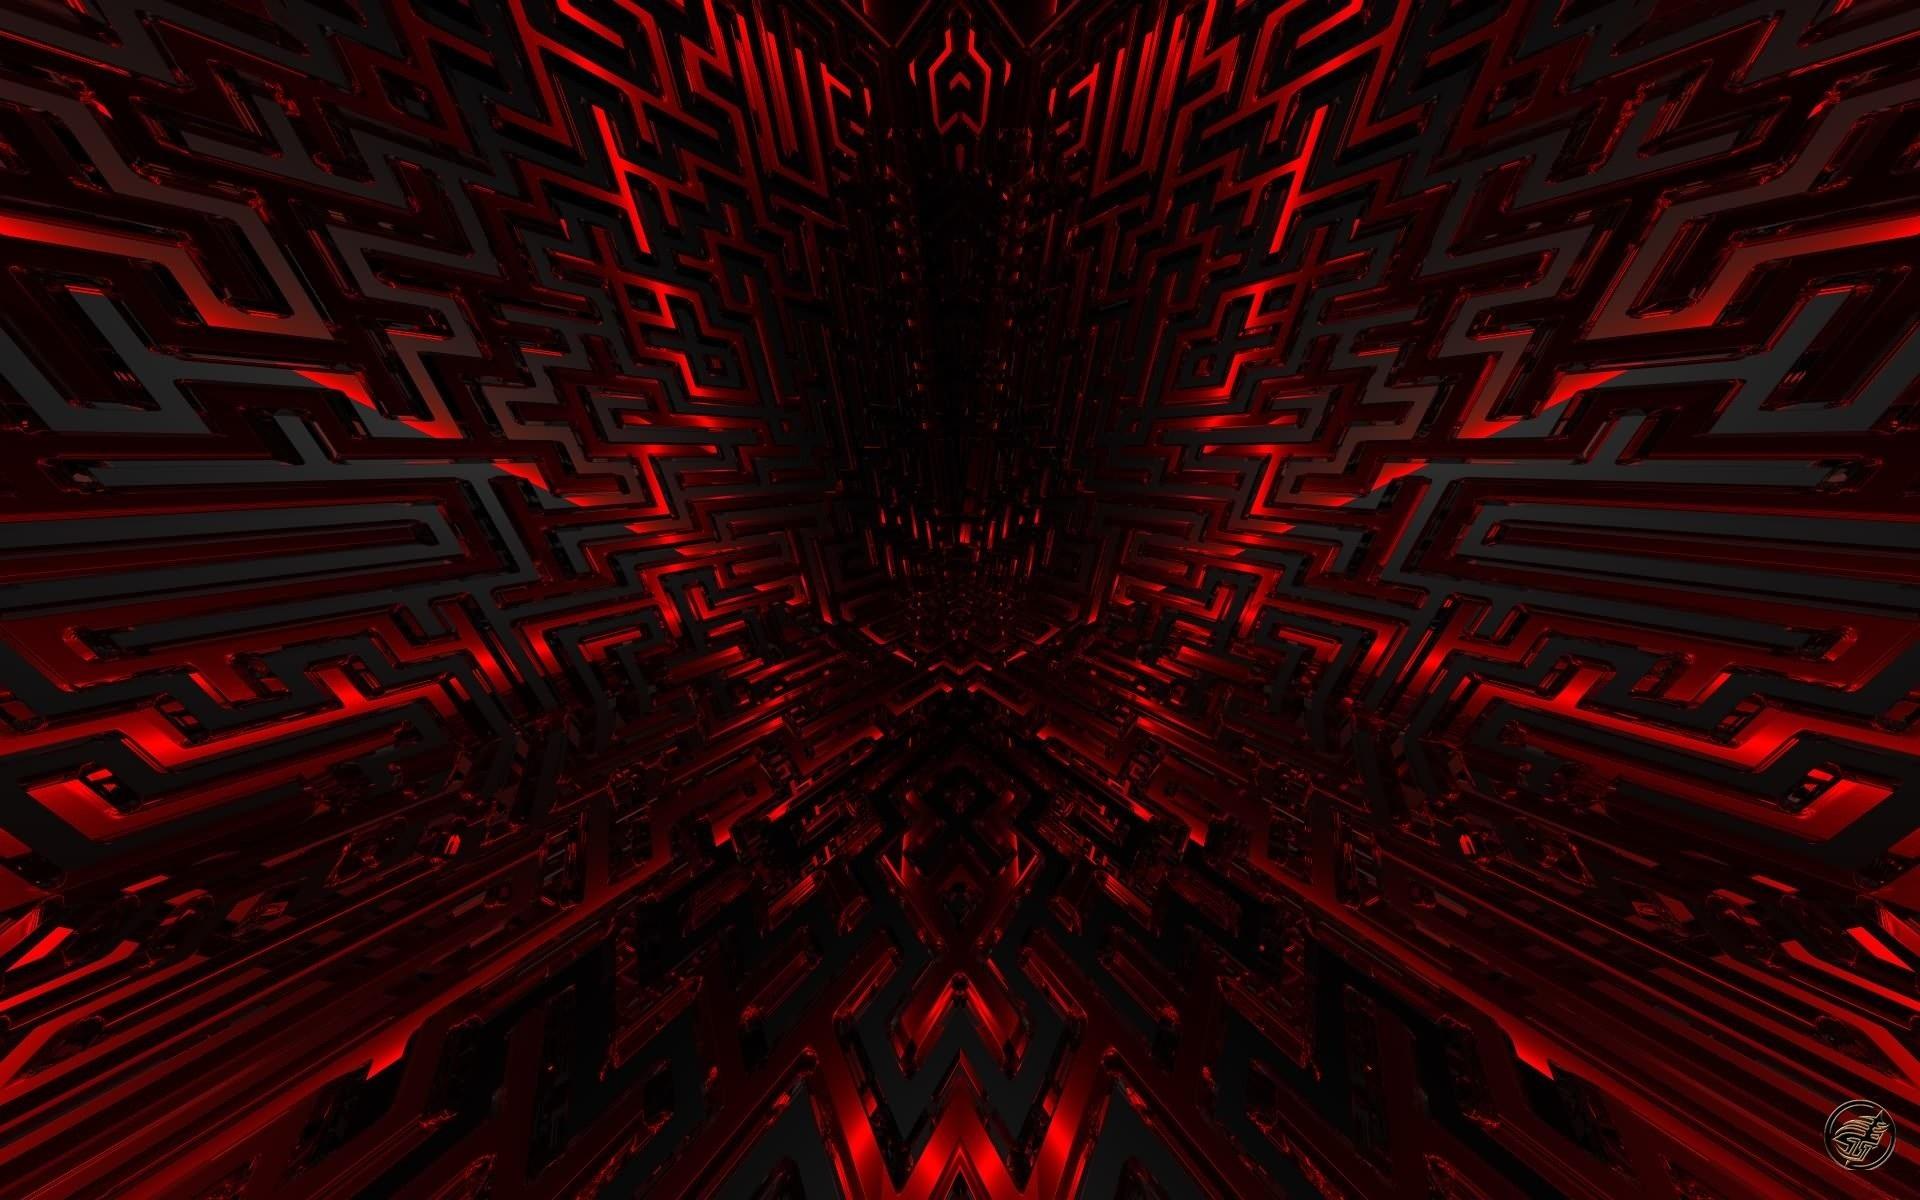 Red 3d Desktop Wallpapers